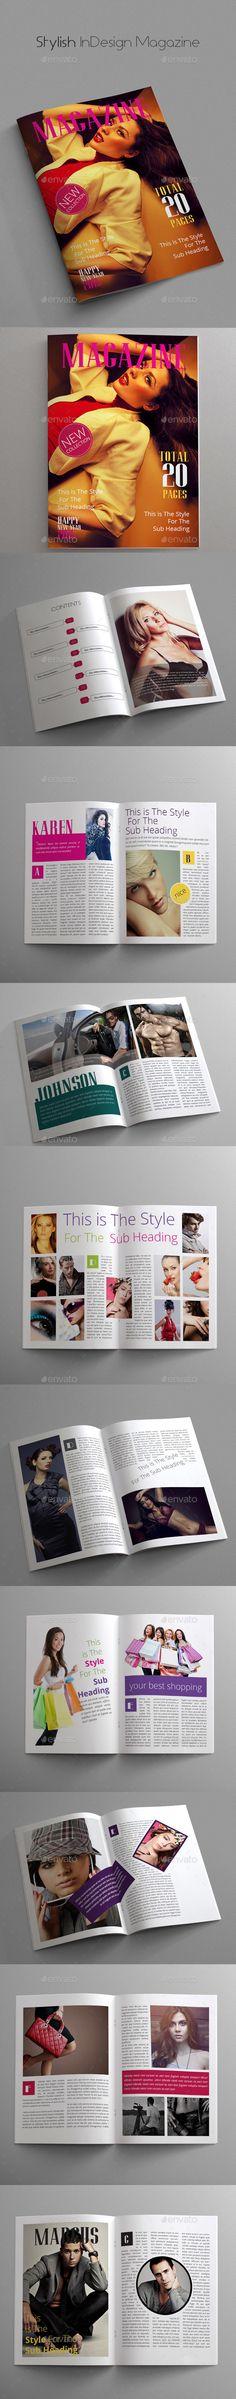 Stylish InDesign Magazine - Magazines Print Templates